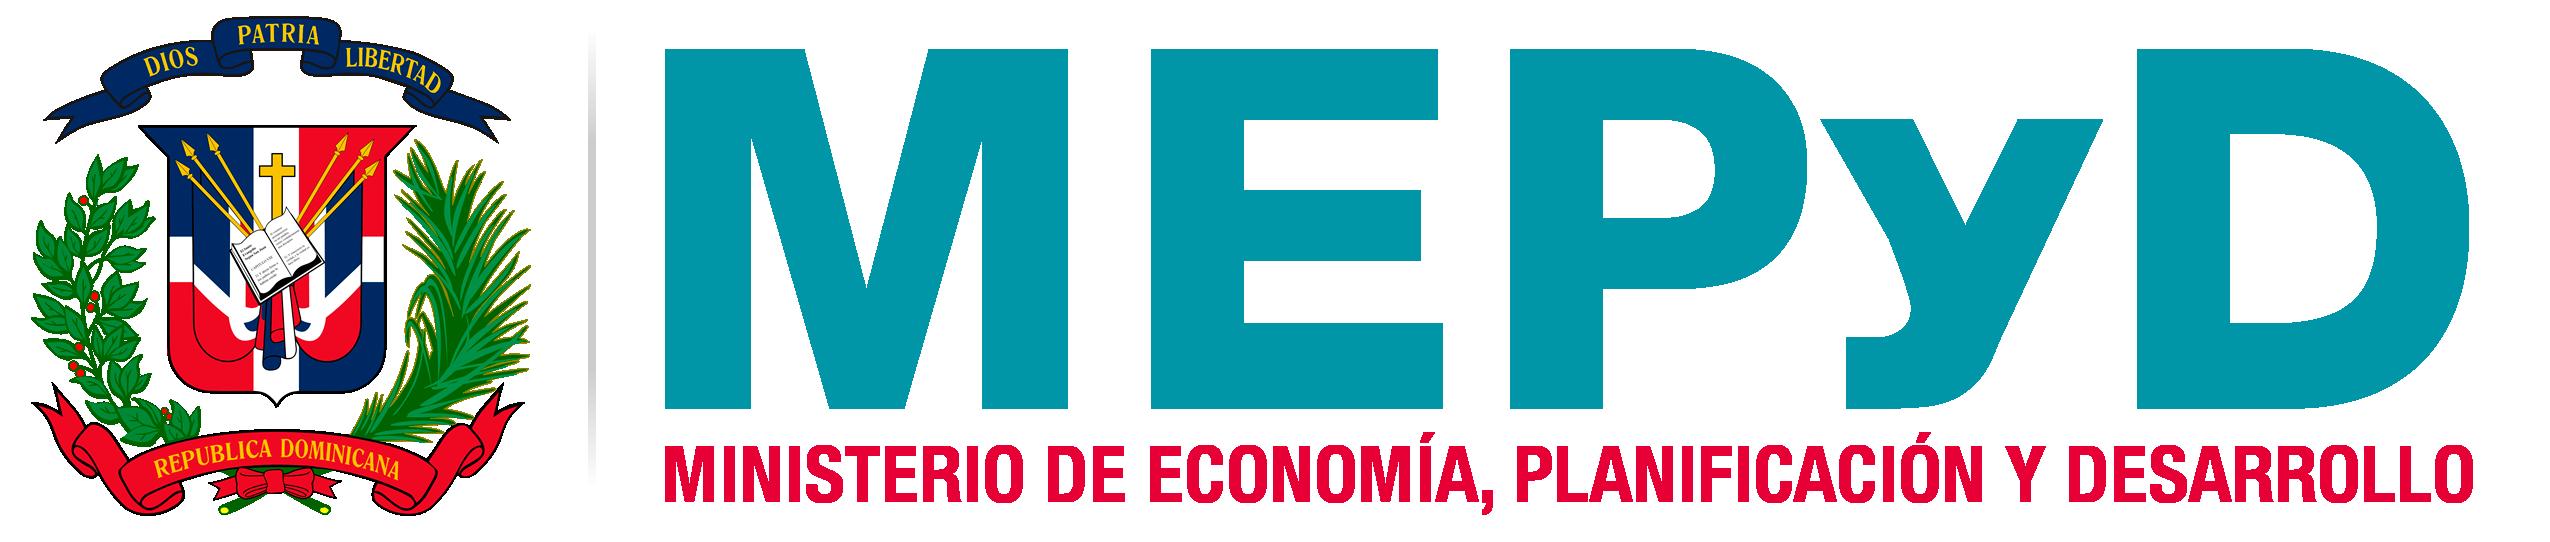 Ministerio de Economía presenta plan del año 2020